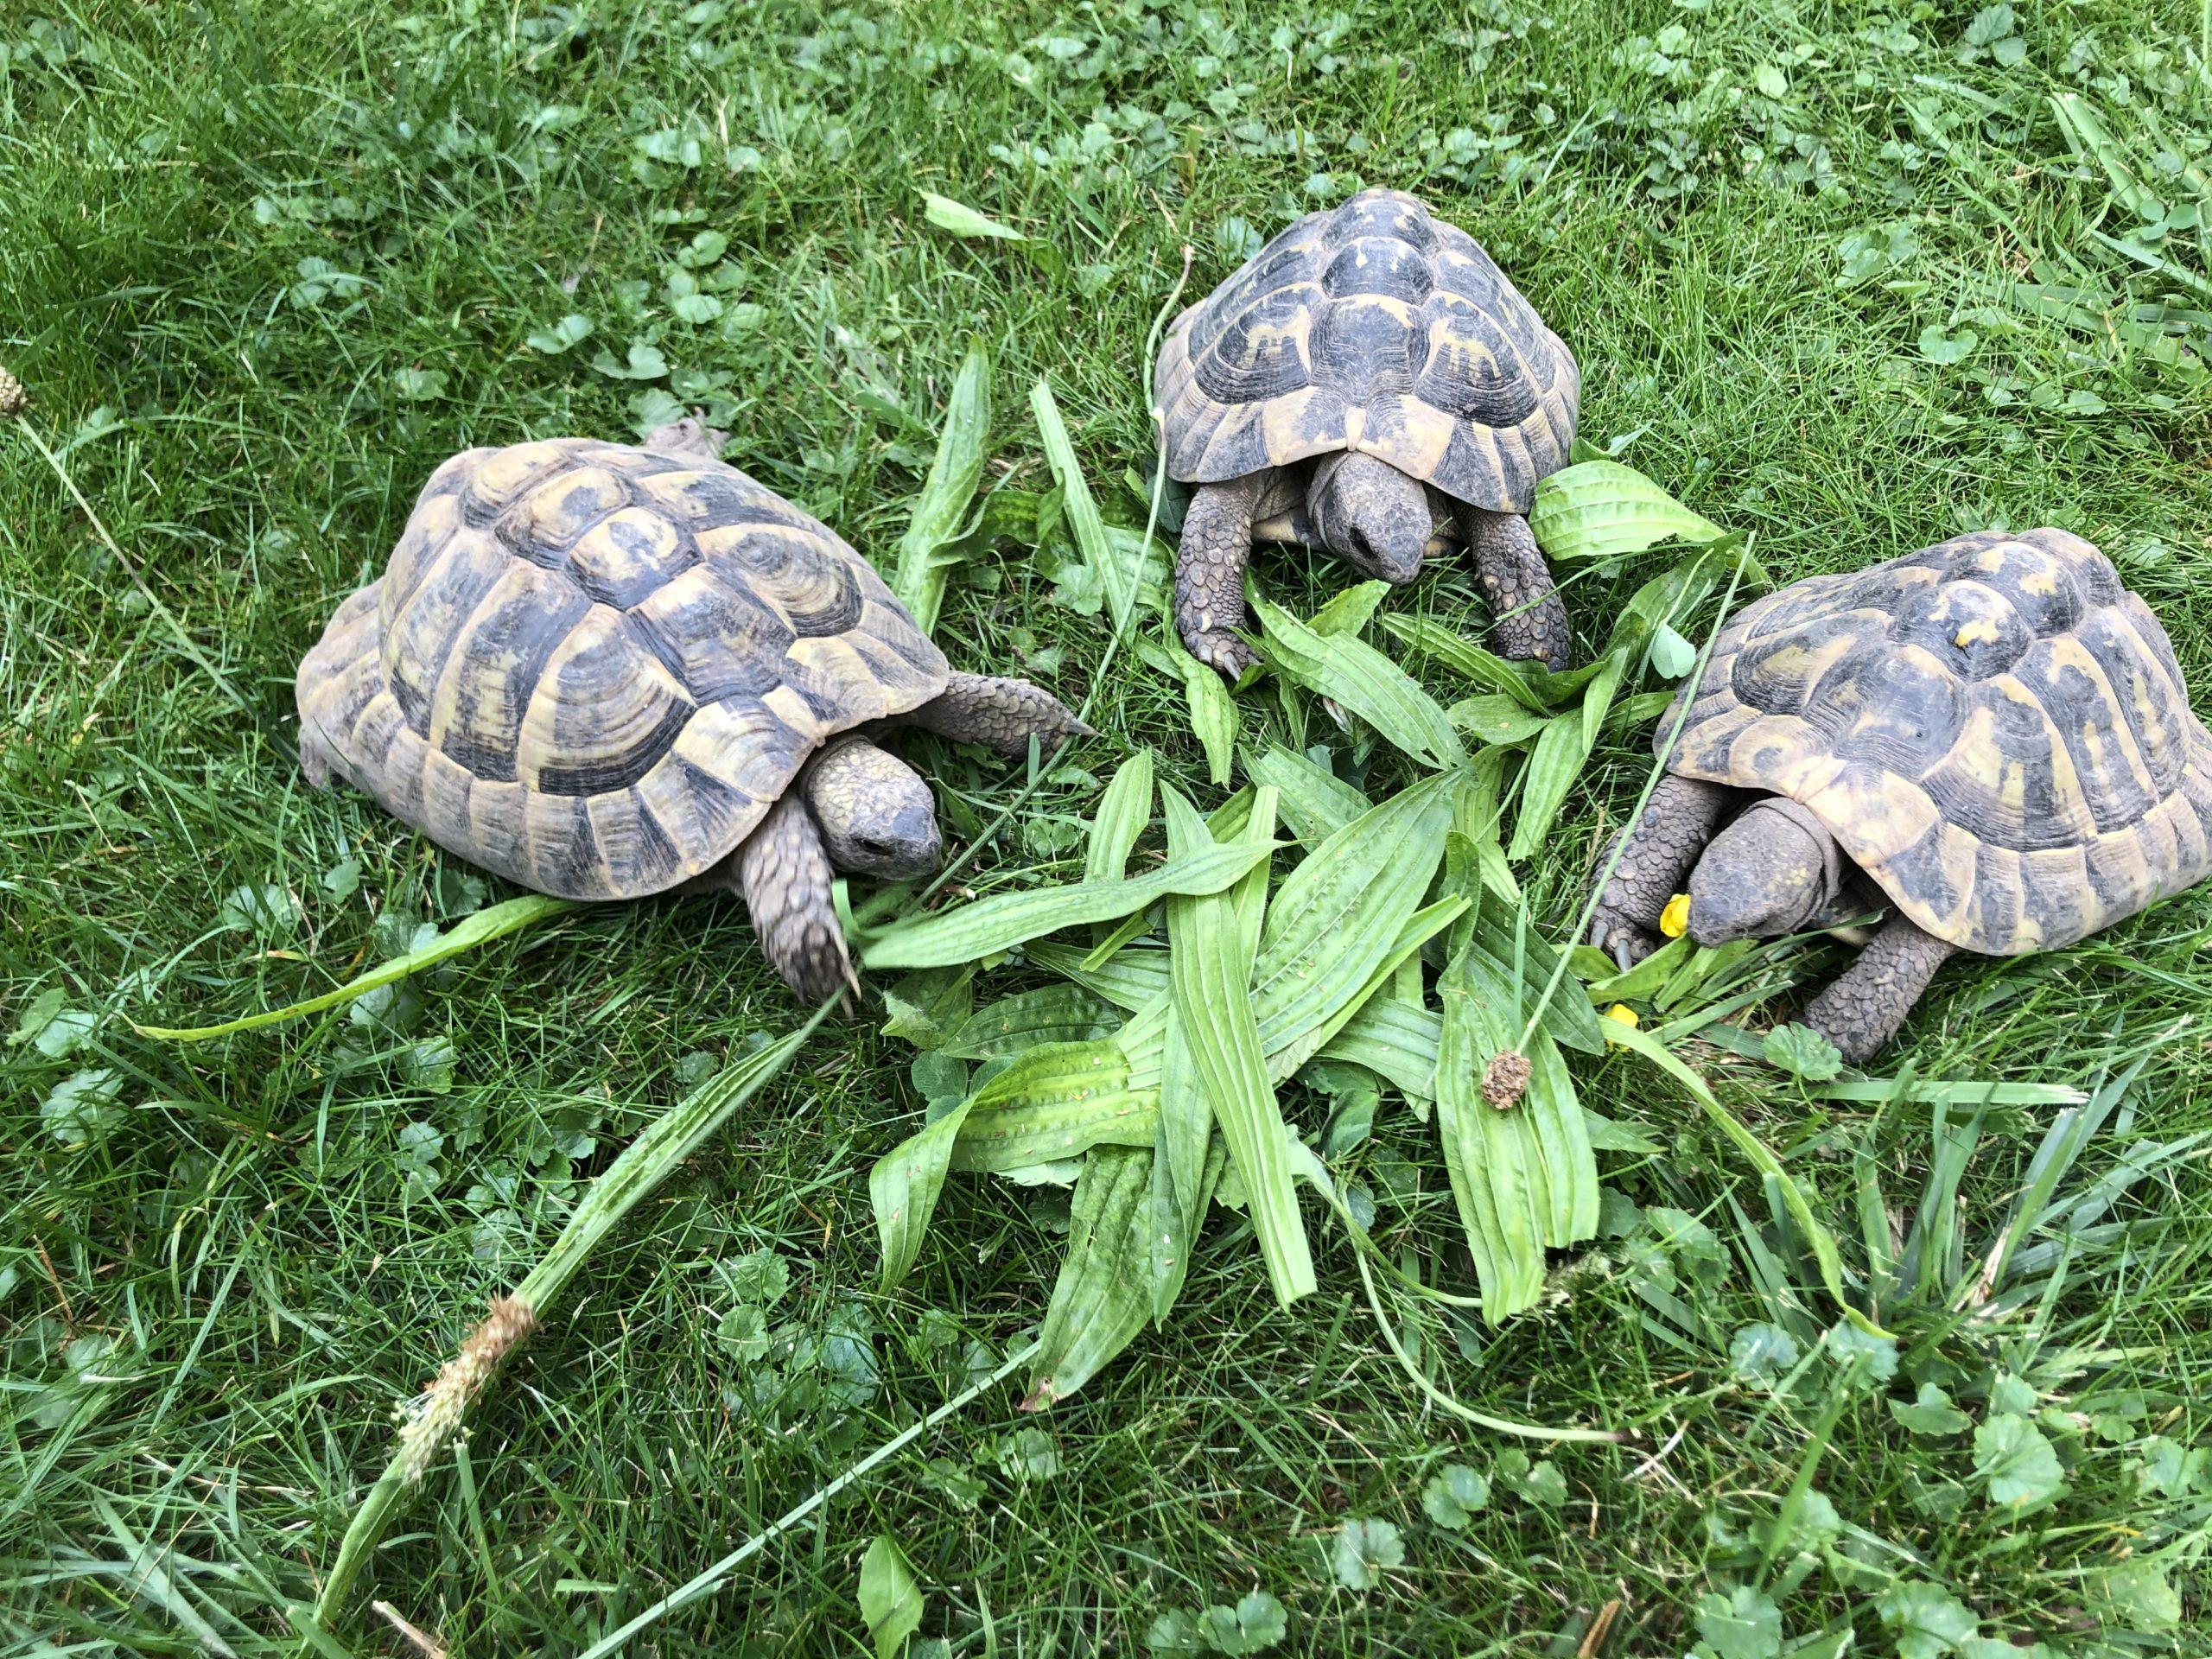 Mahlzeit ! Griechisches Landschildkröten Trio beim Mittagsessen im Garten